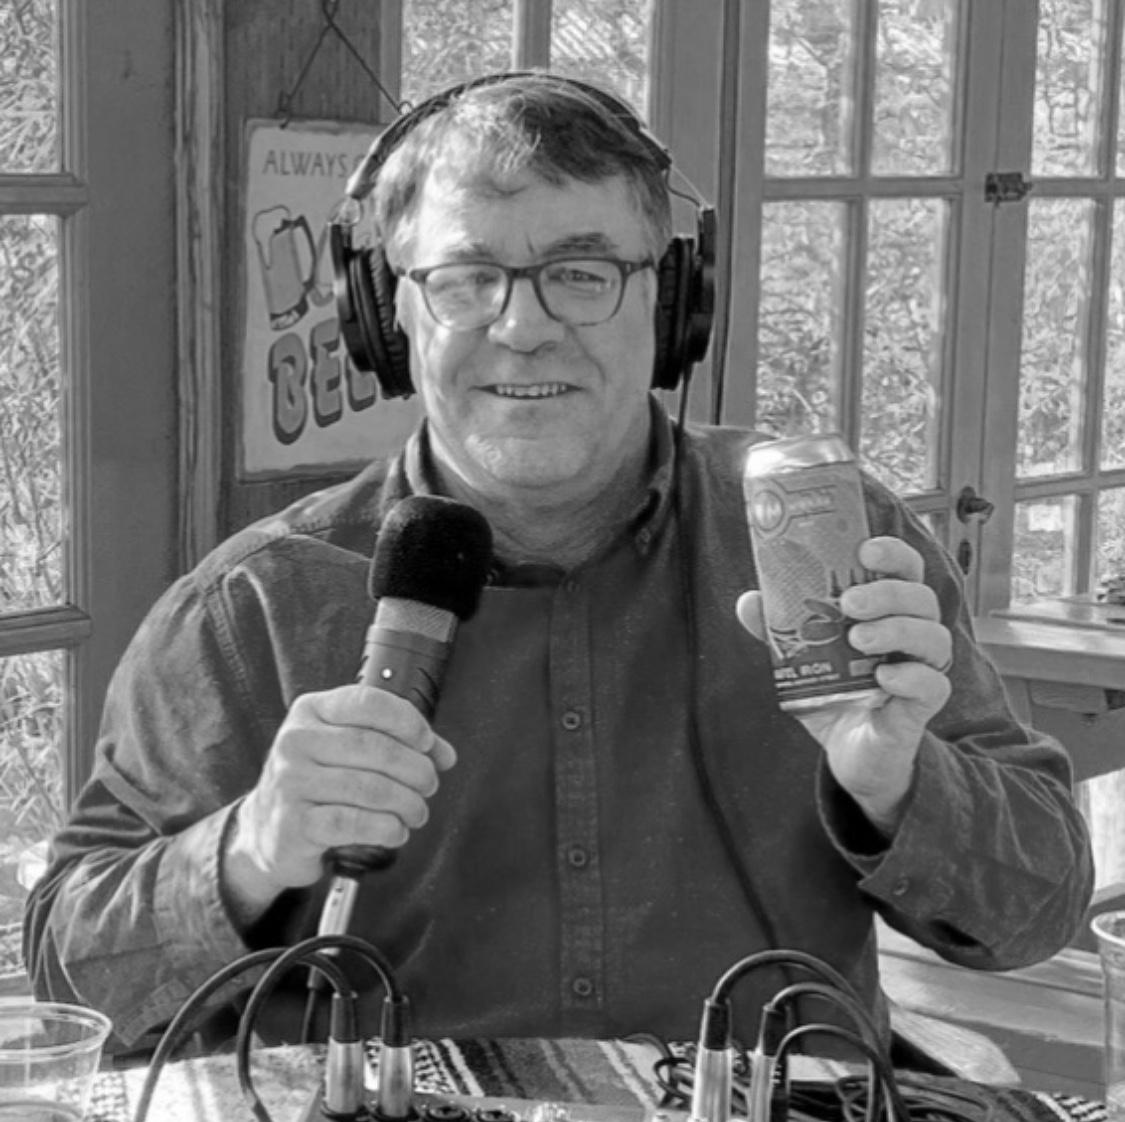 Andre Meunier Oregonian Craft Beer Writer – Craft Beer Podcast Episode 117 by Steven Shomler